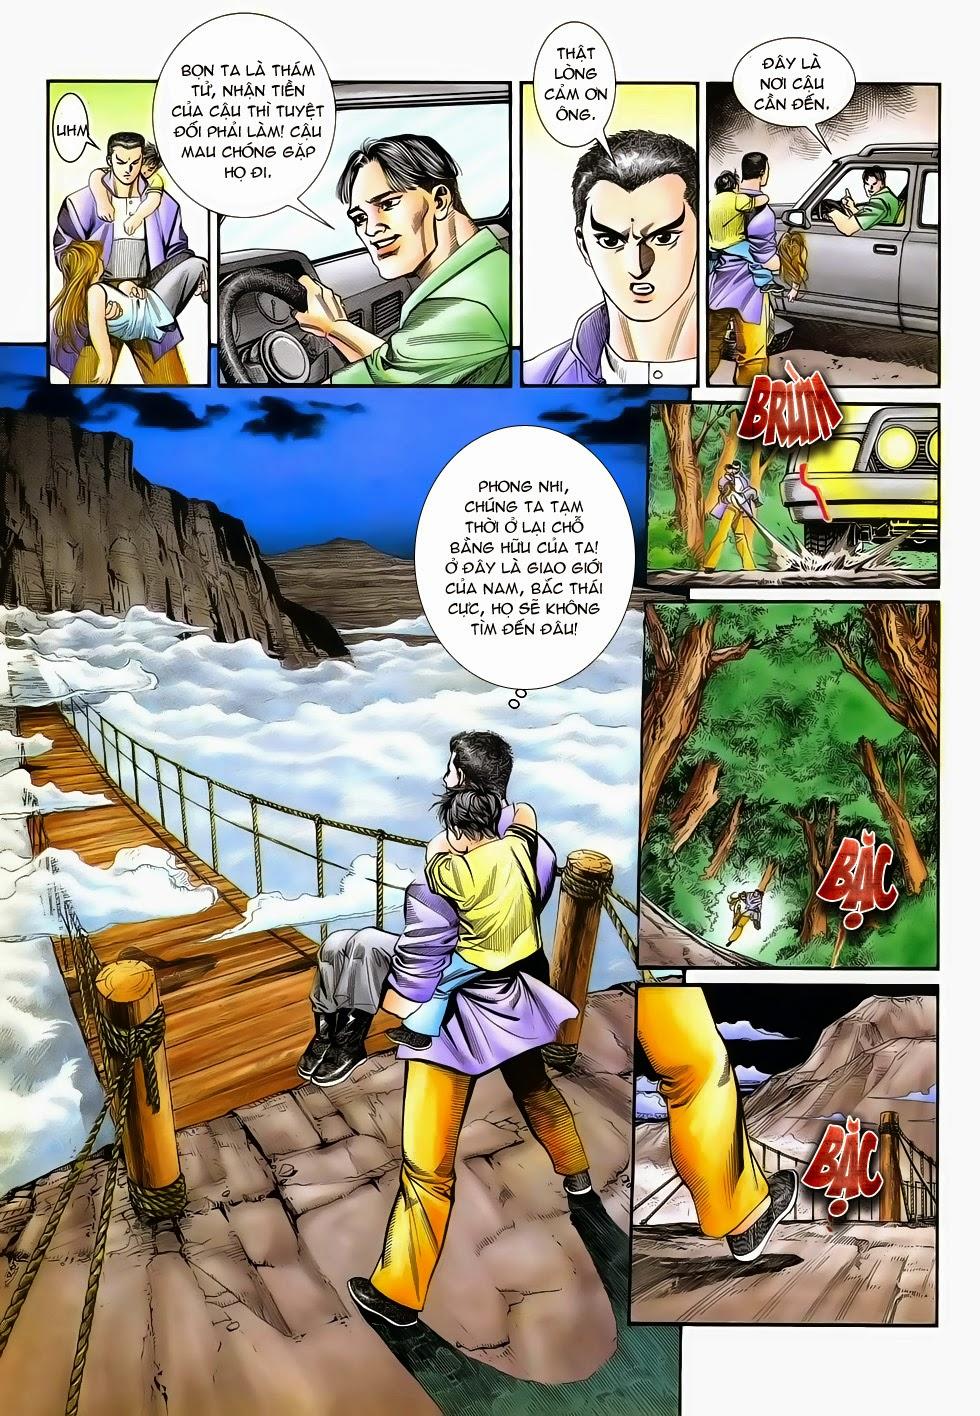 Long Hổ Phong Bạo chap 3 - Trang 33